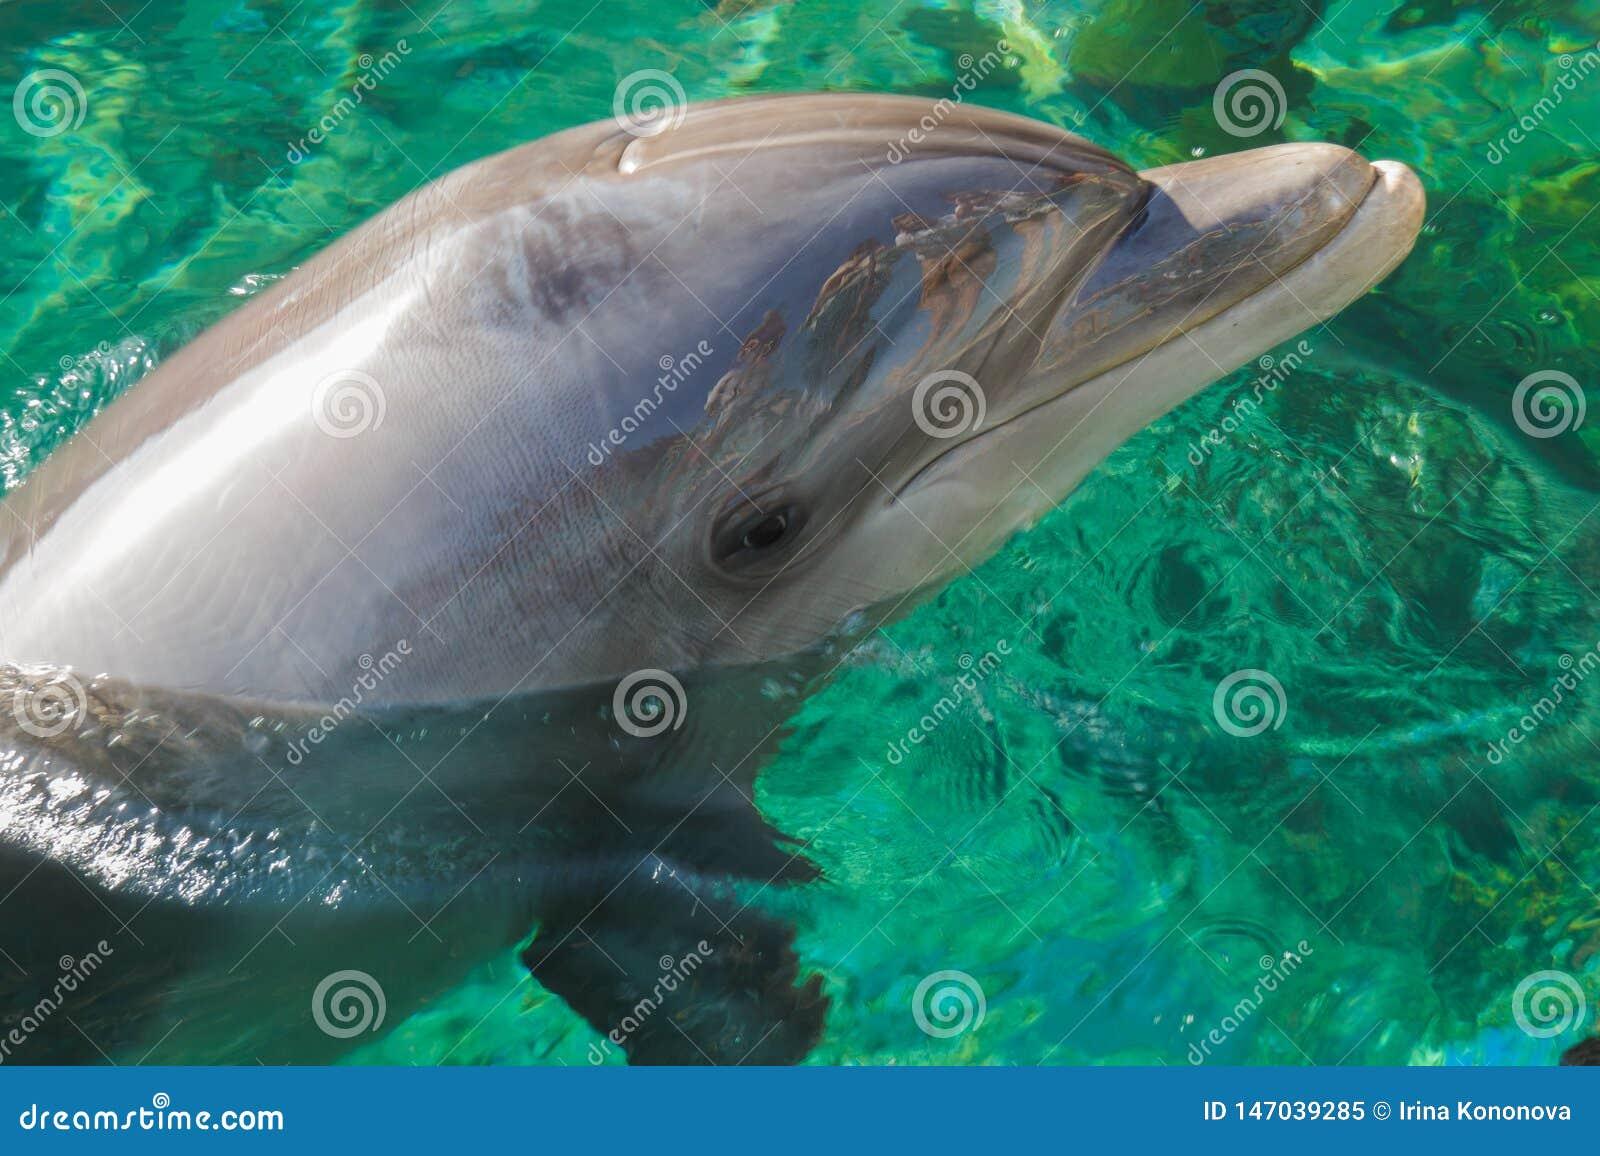 Ein lächelnder Delphin taucht vom Wasser auf Zuschauer denken über seine glänzende Oberfläche nach